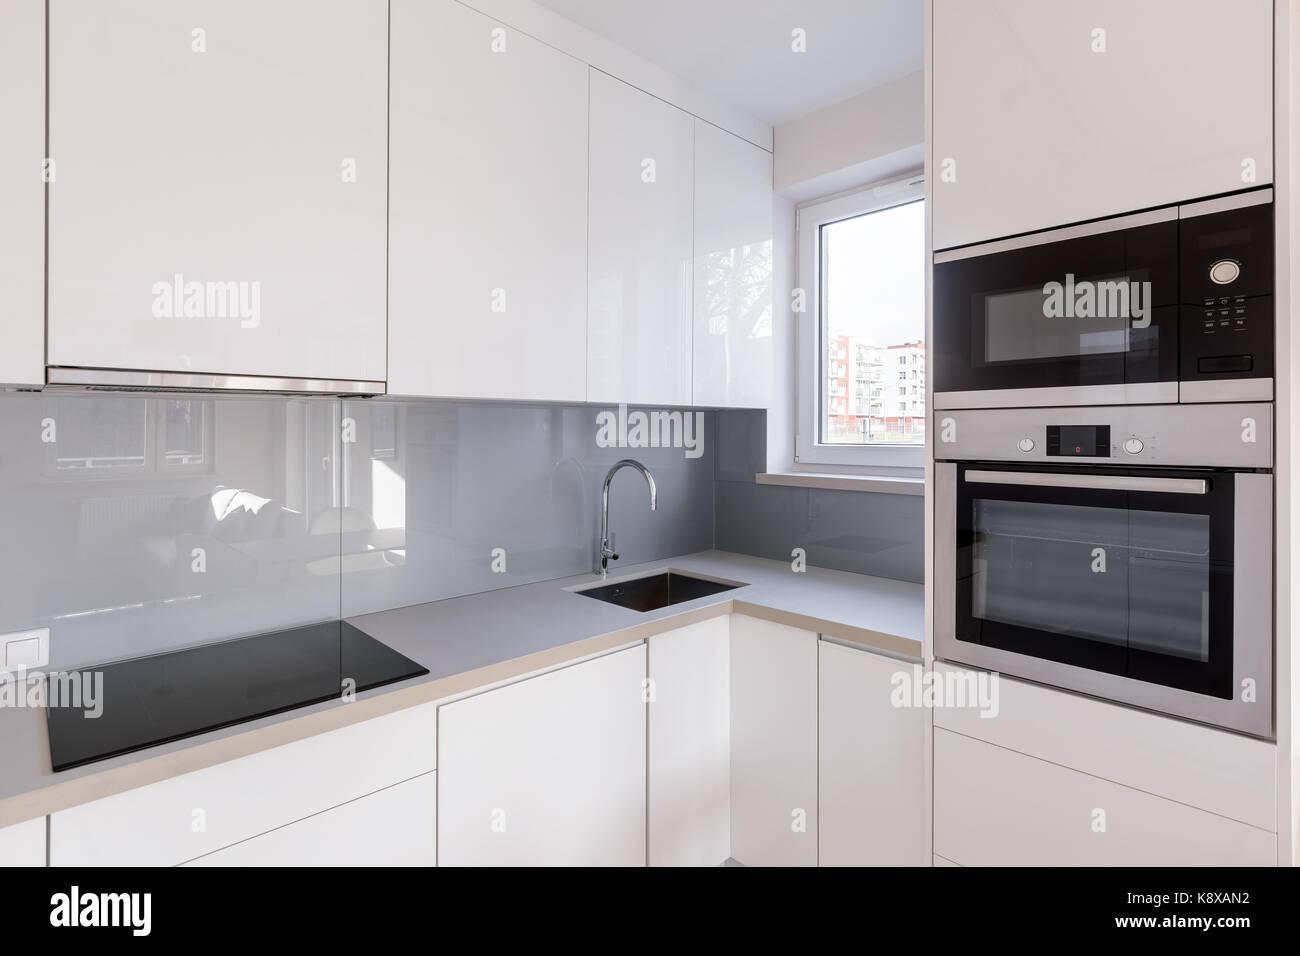 Cucina moderna con armadi bianchi ad alta brillantezza piastrelle